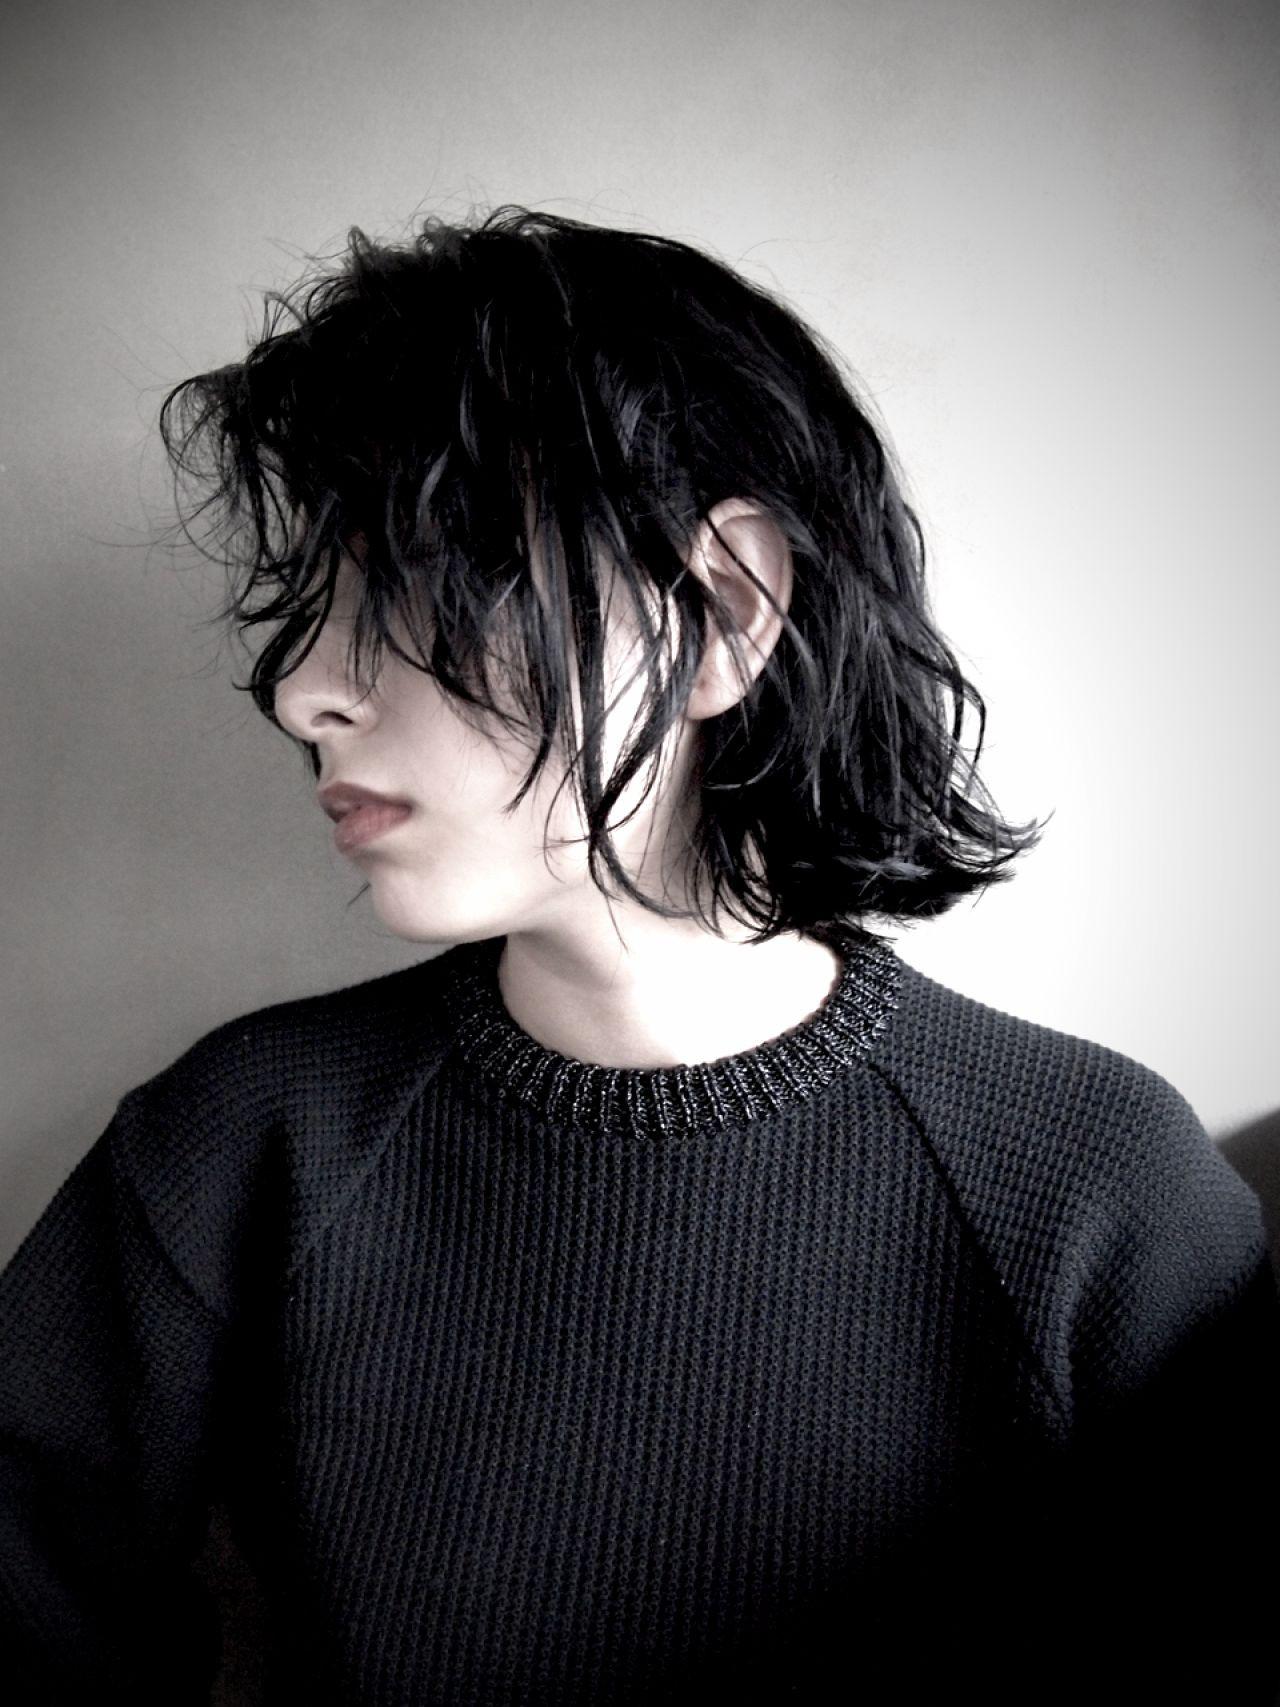 黒髪 モード ボブ ウェットヘア ヘアスタイルや髪型の写真・画像